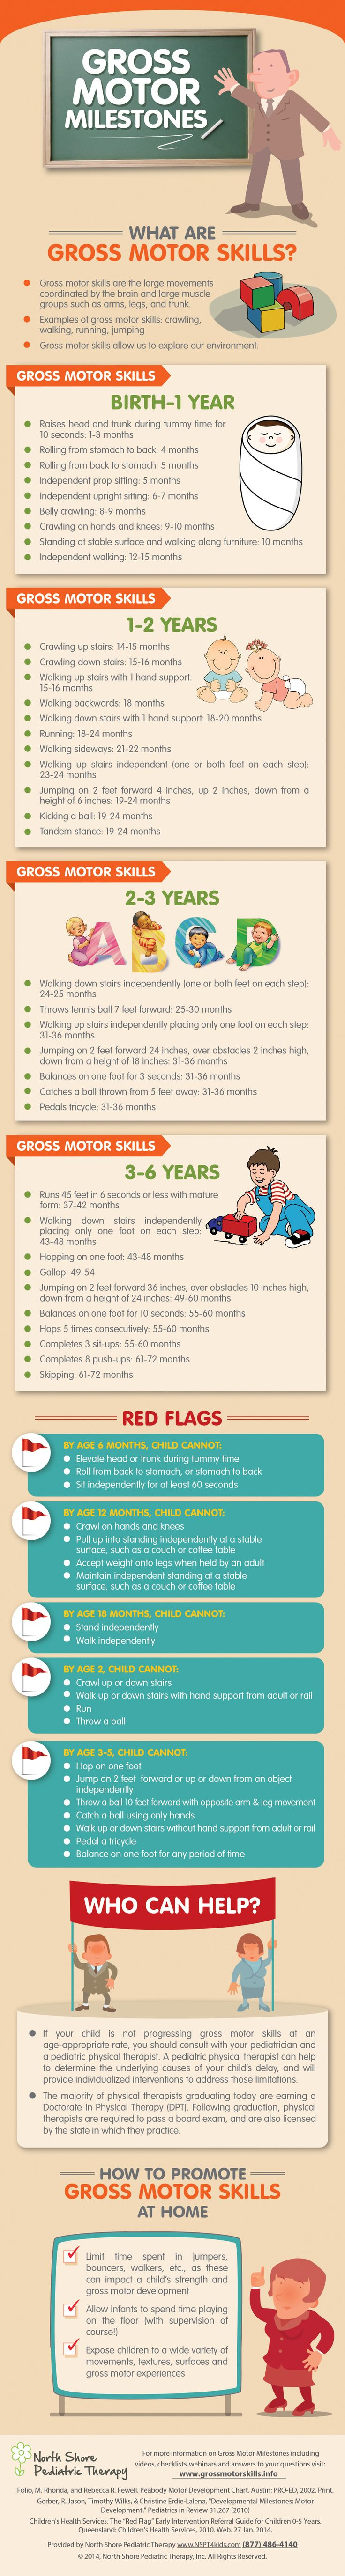 57 best images about ot pt development on pinterest fine for Development of motor skills